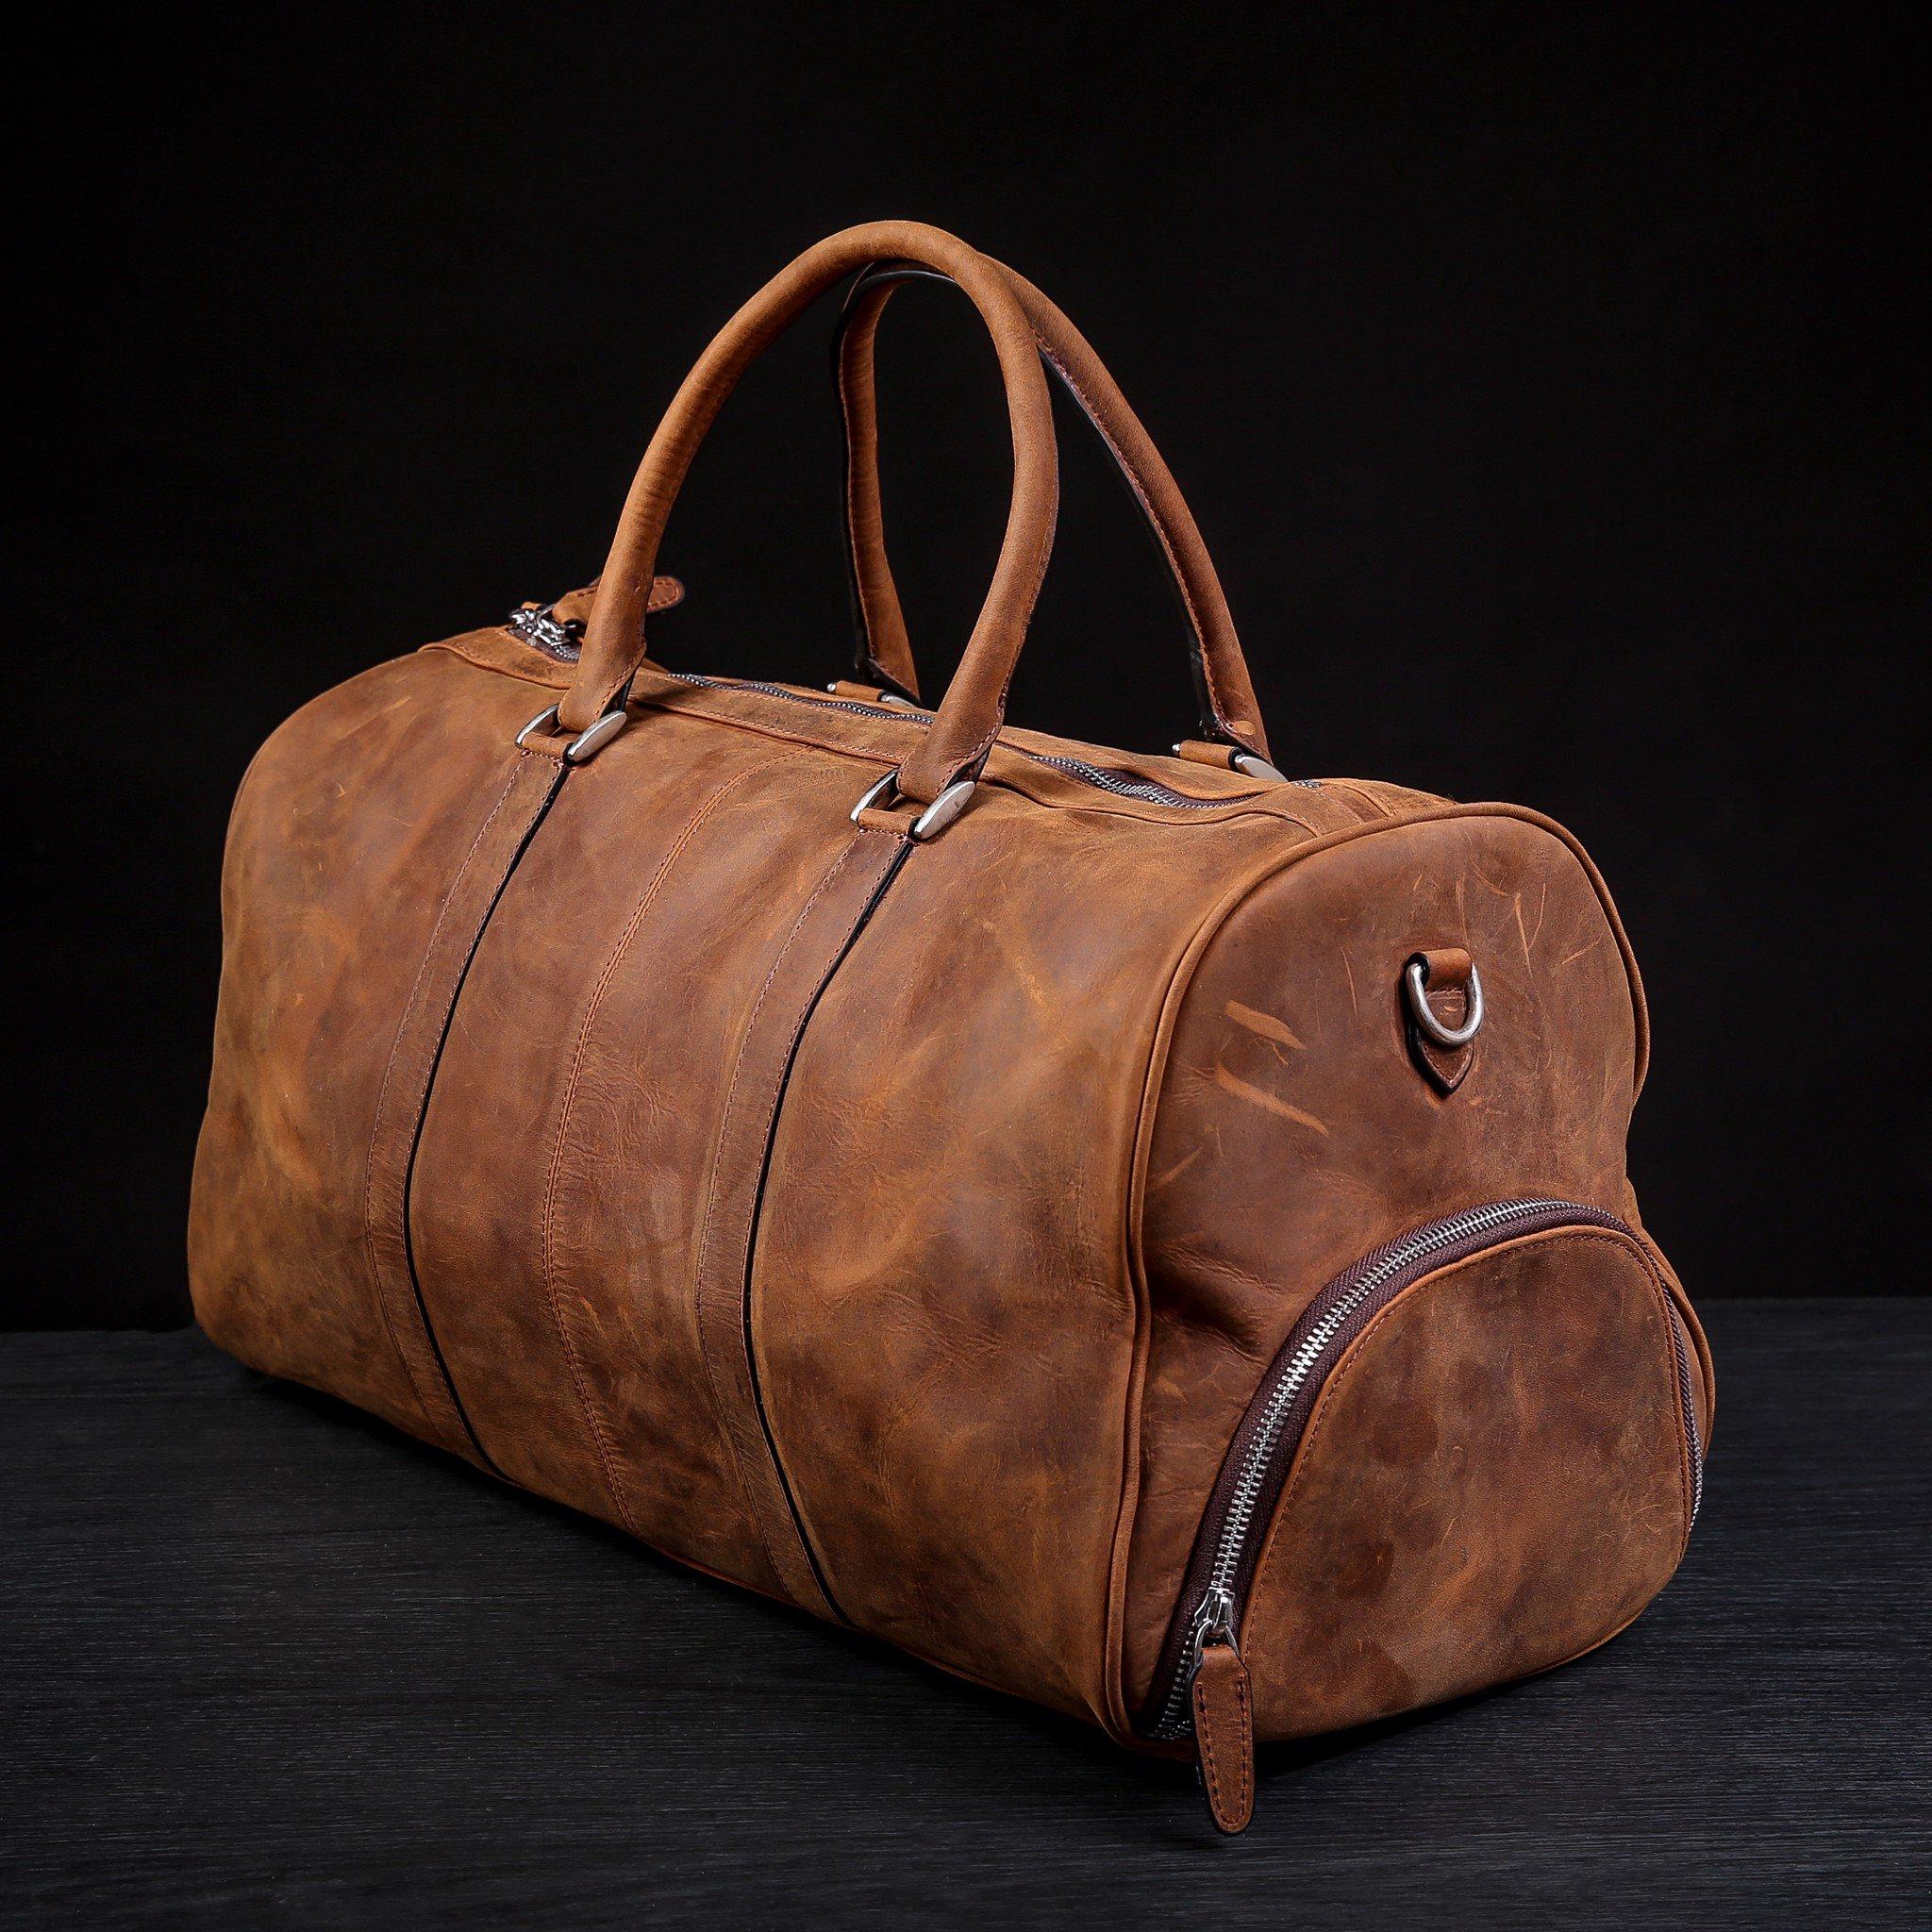 Túi xách du lịch da bò hàng hiệu xuất mỹ